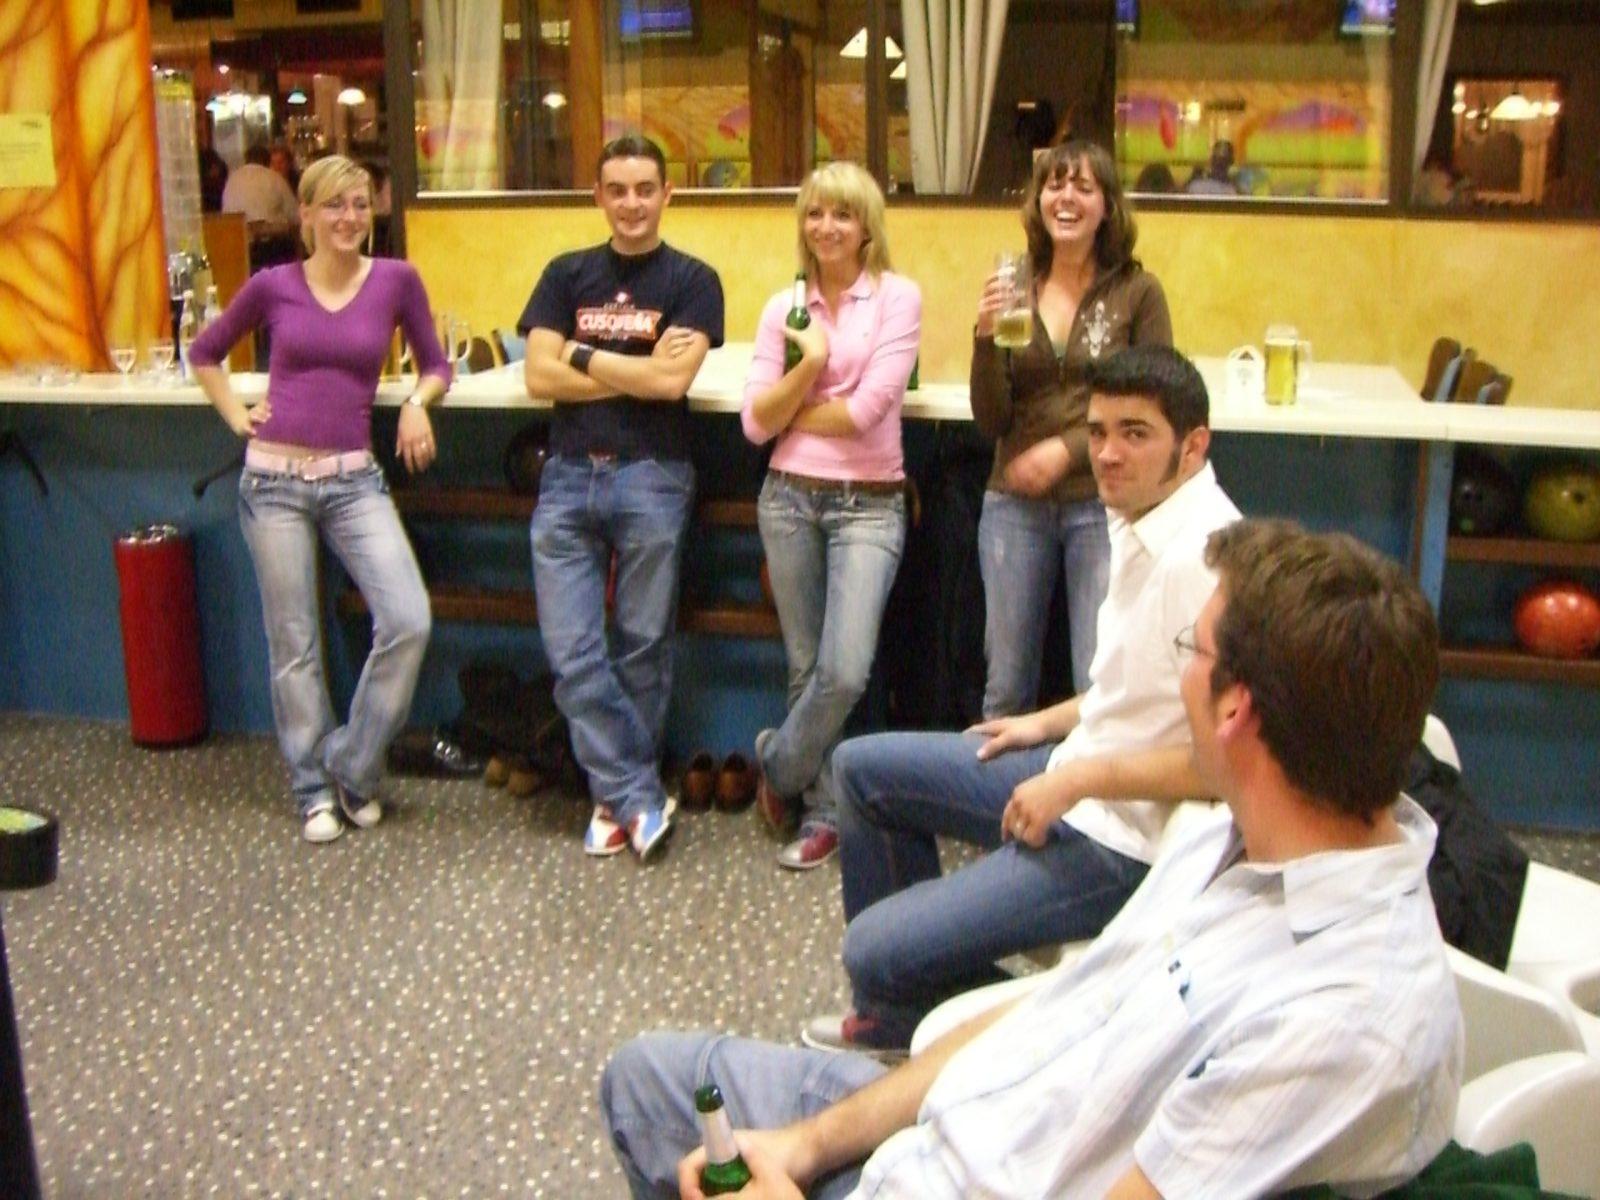 Das erste gemeinsame Bowling in Feuerbach. Vicky, Simmons, ?, Luisa, Thilo und Jan.